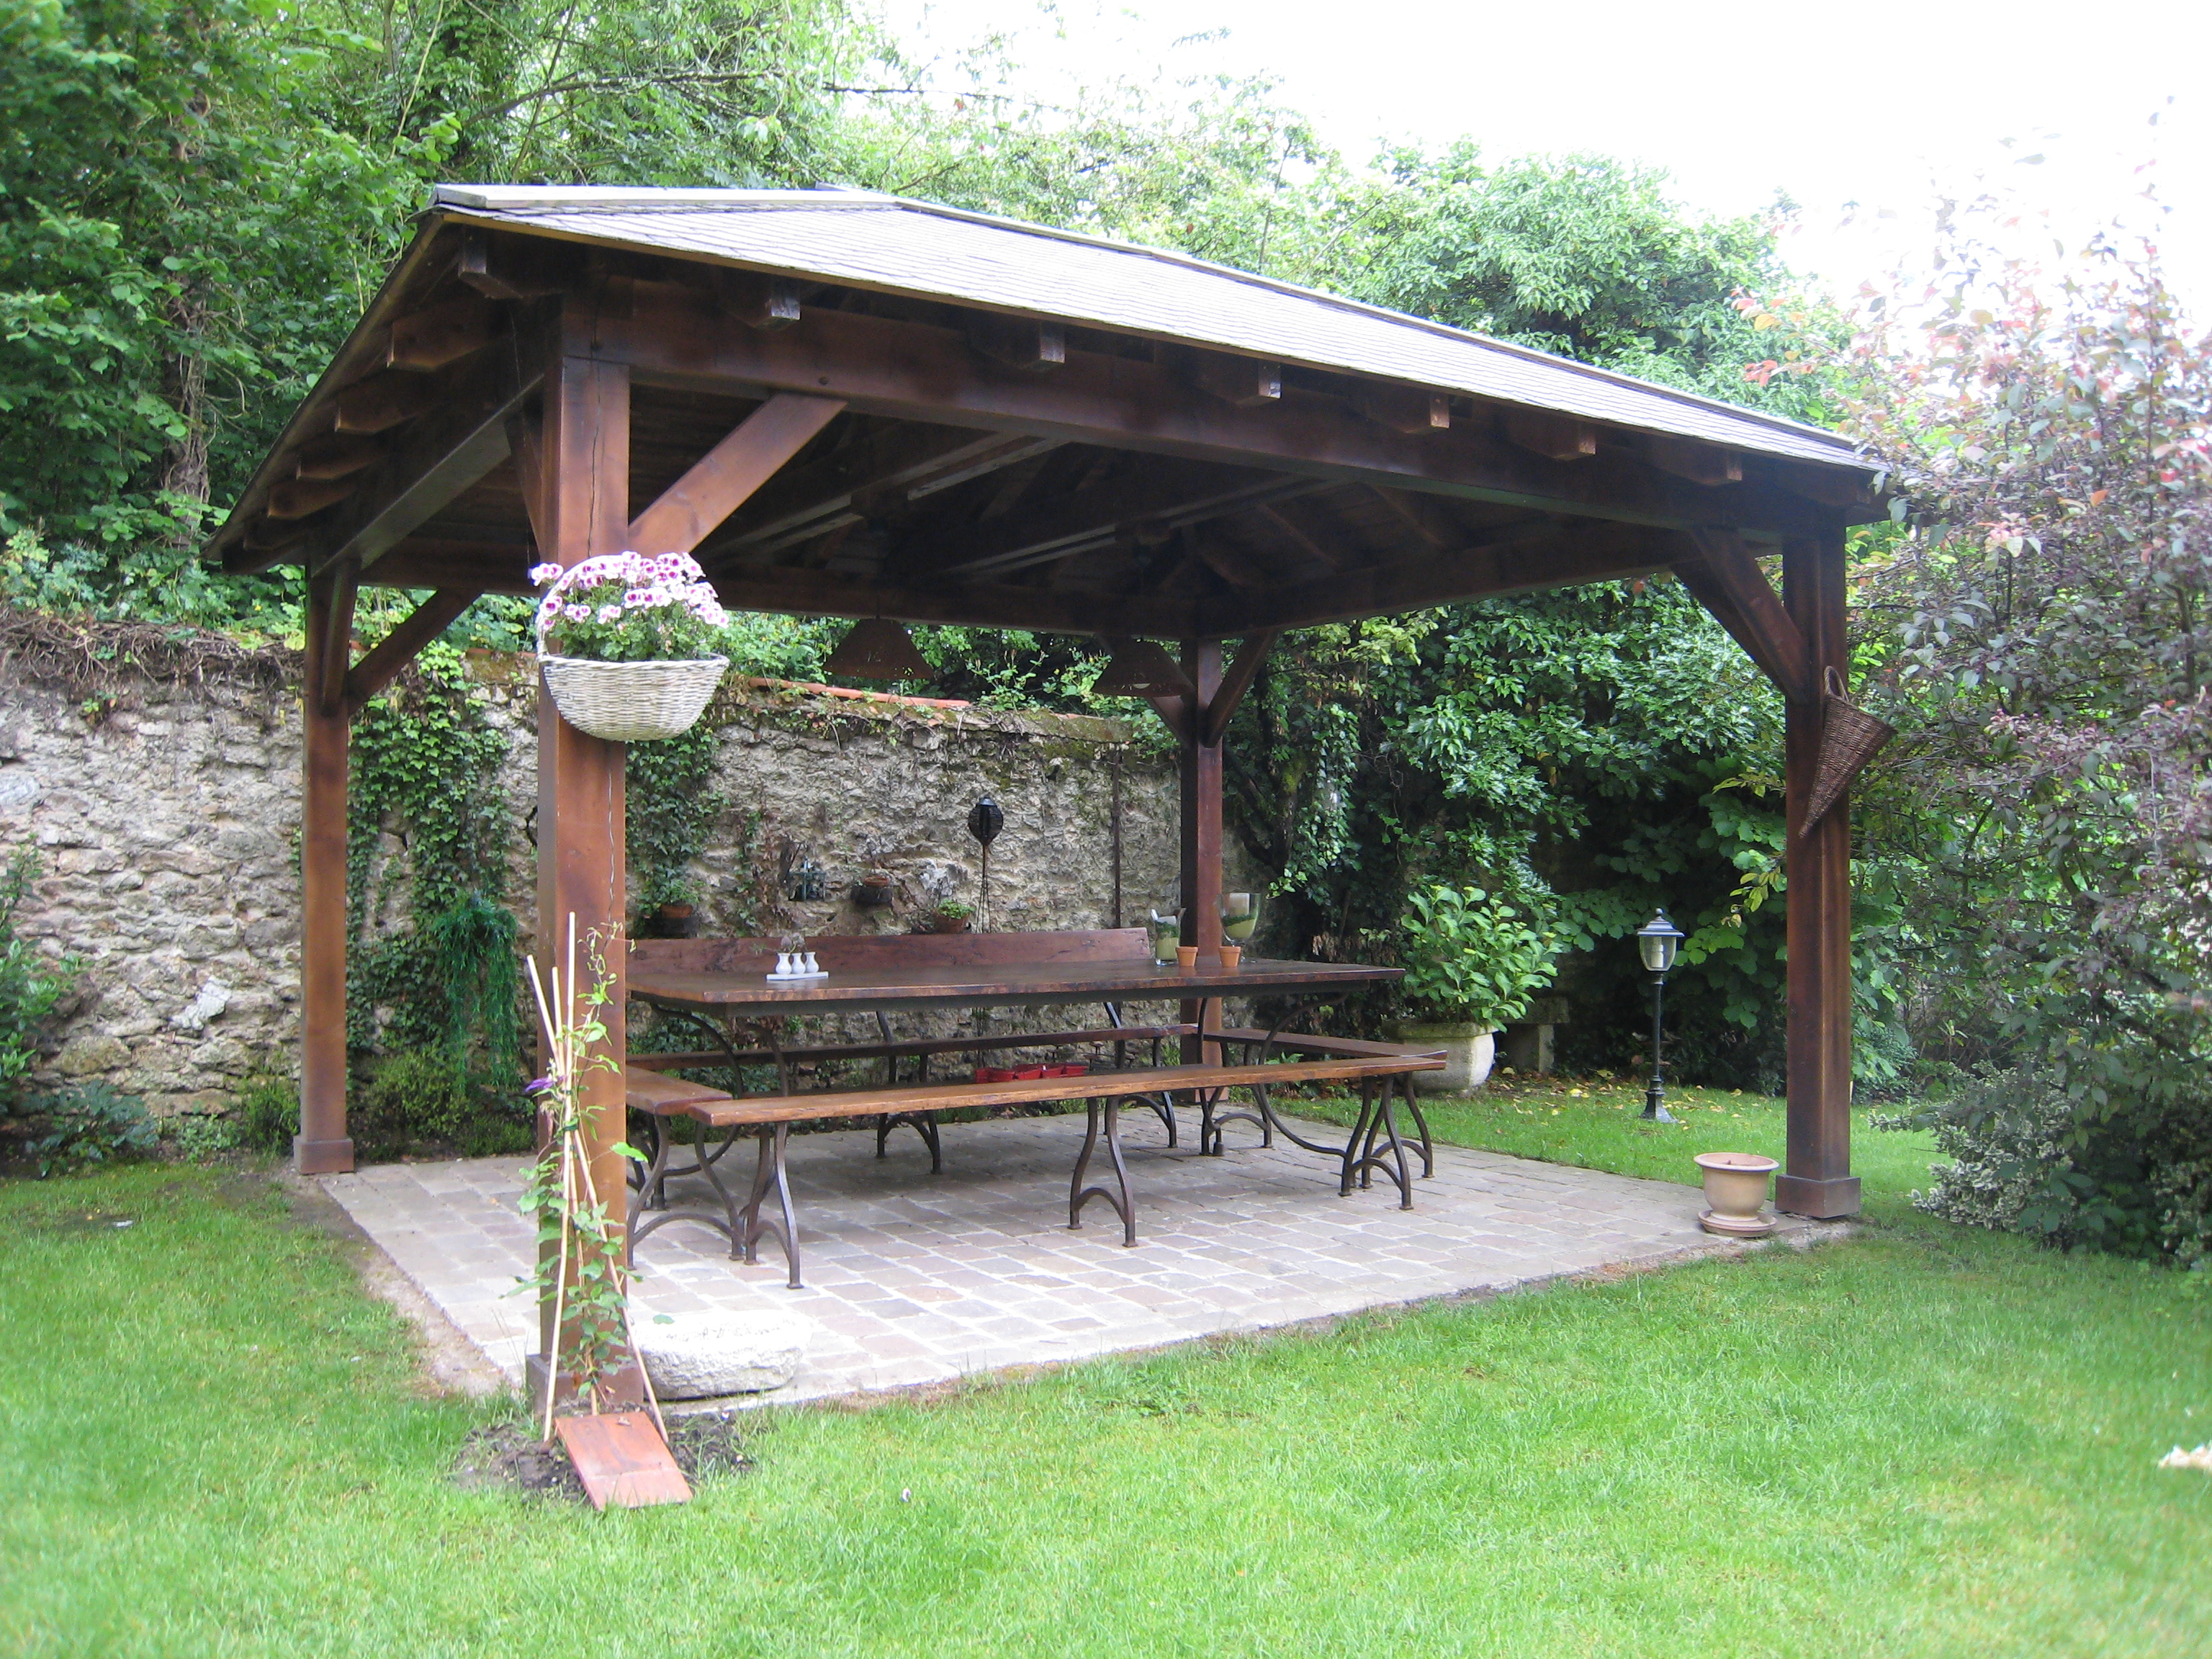 Tonnelle Kiosque De Jardin abris de jardin: kiosque jardin aluminium